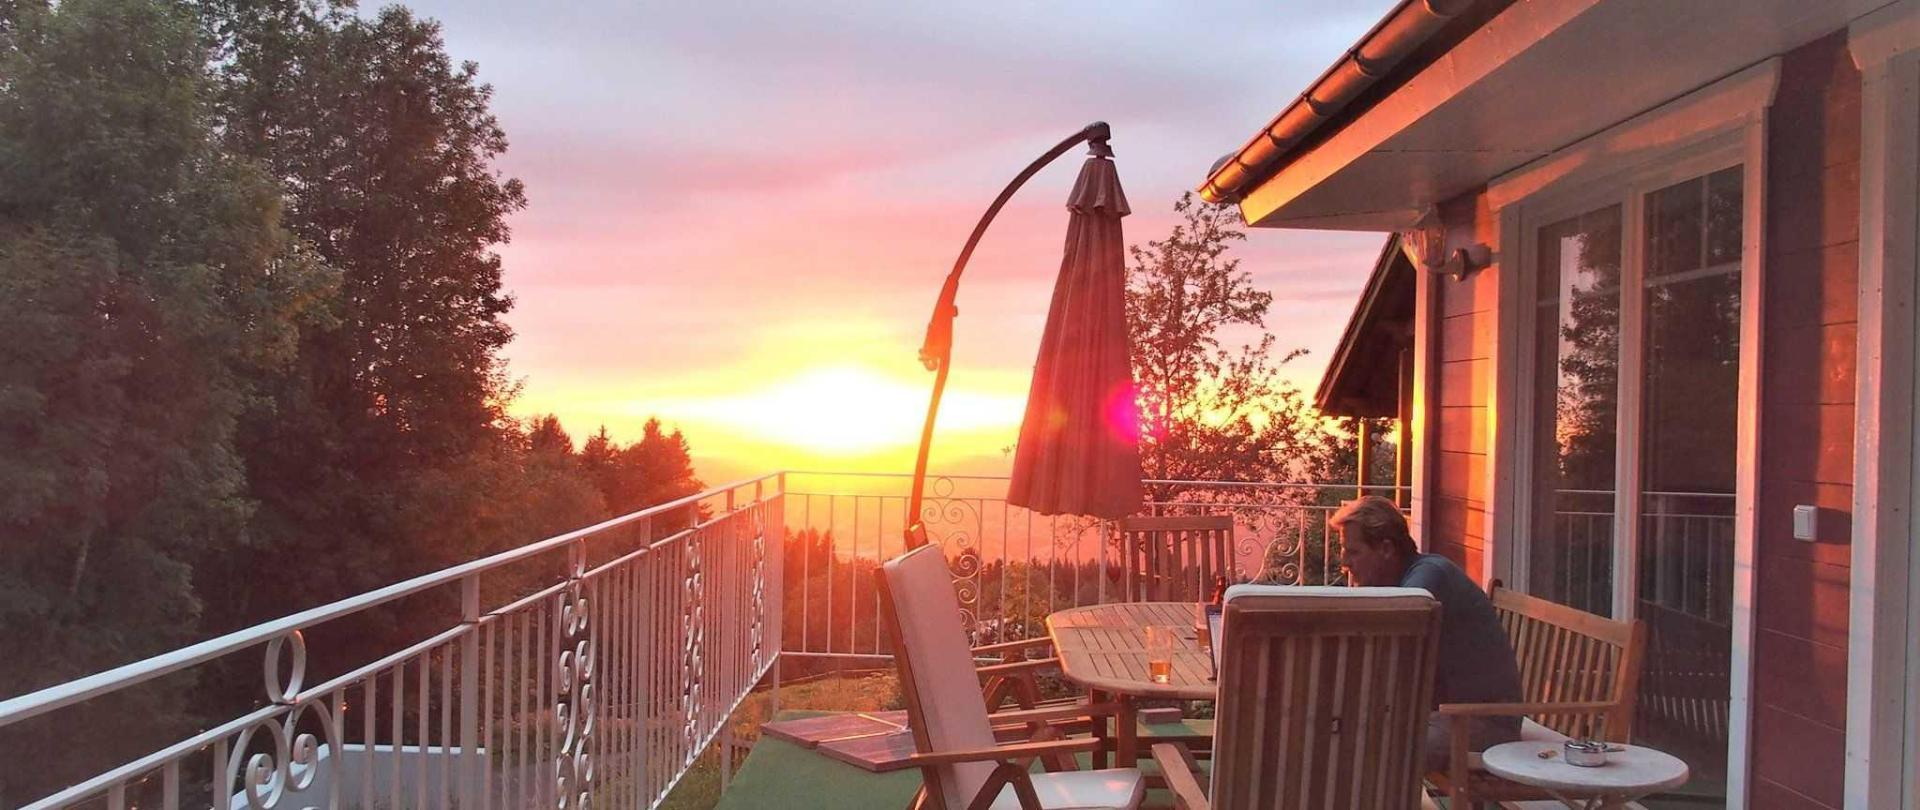 Sonnenuntergang auf der Terrasse im Parterre